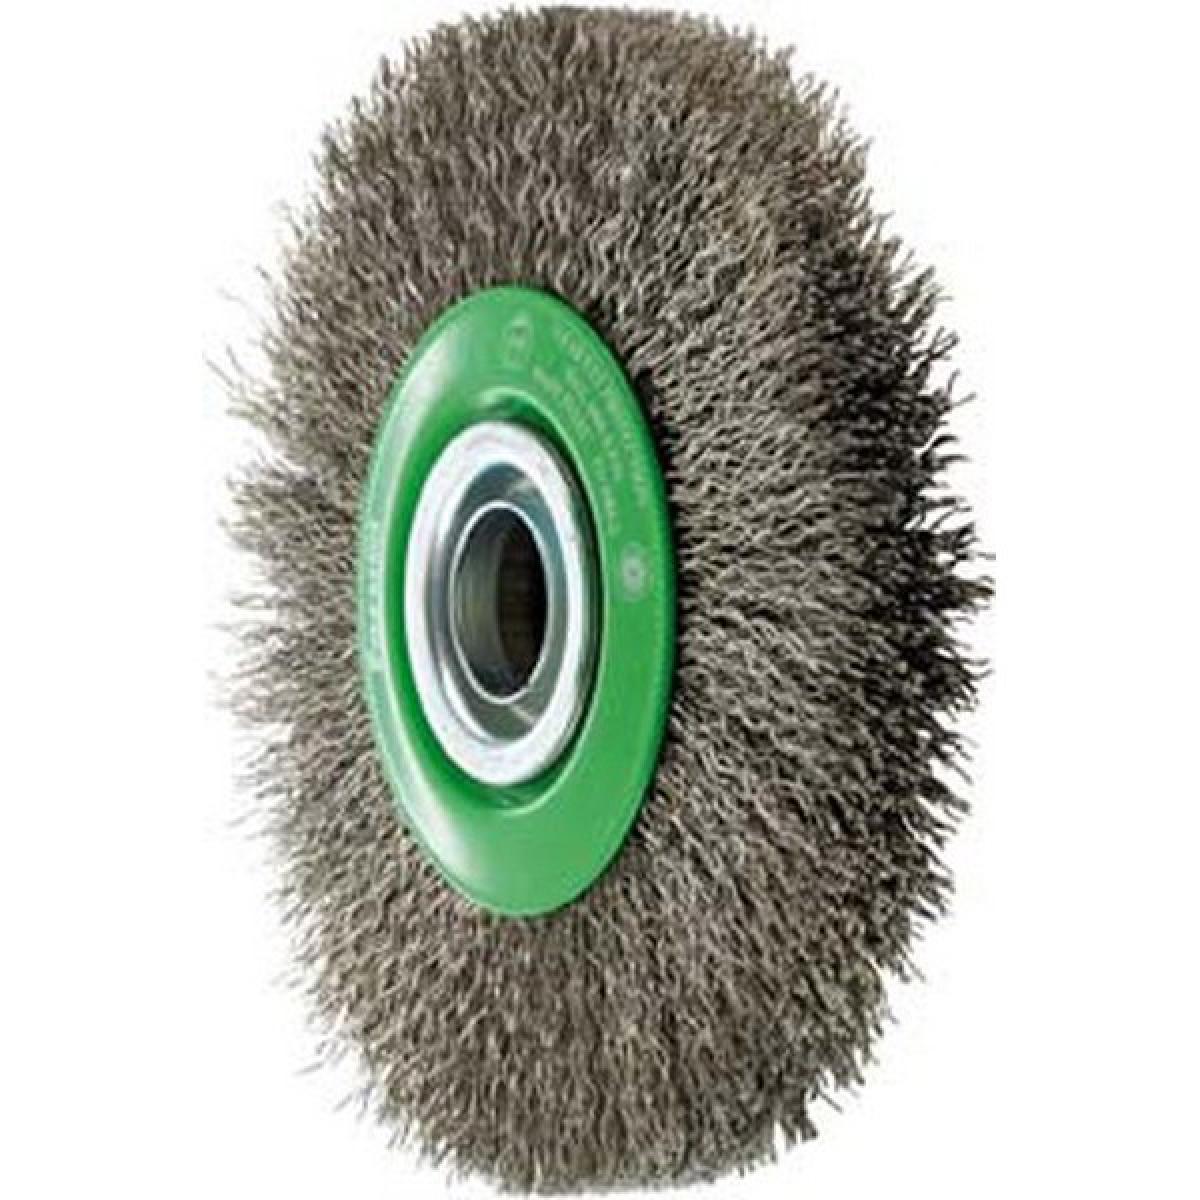 Forum Brosse circulaire, fil d'acier inoxydable de 0,3 mm, ondulé, Ø de la brosse : 200 mm, Larg. : de travail 30 mm, Vitesse